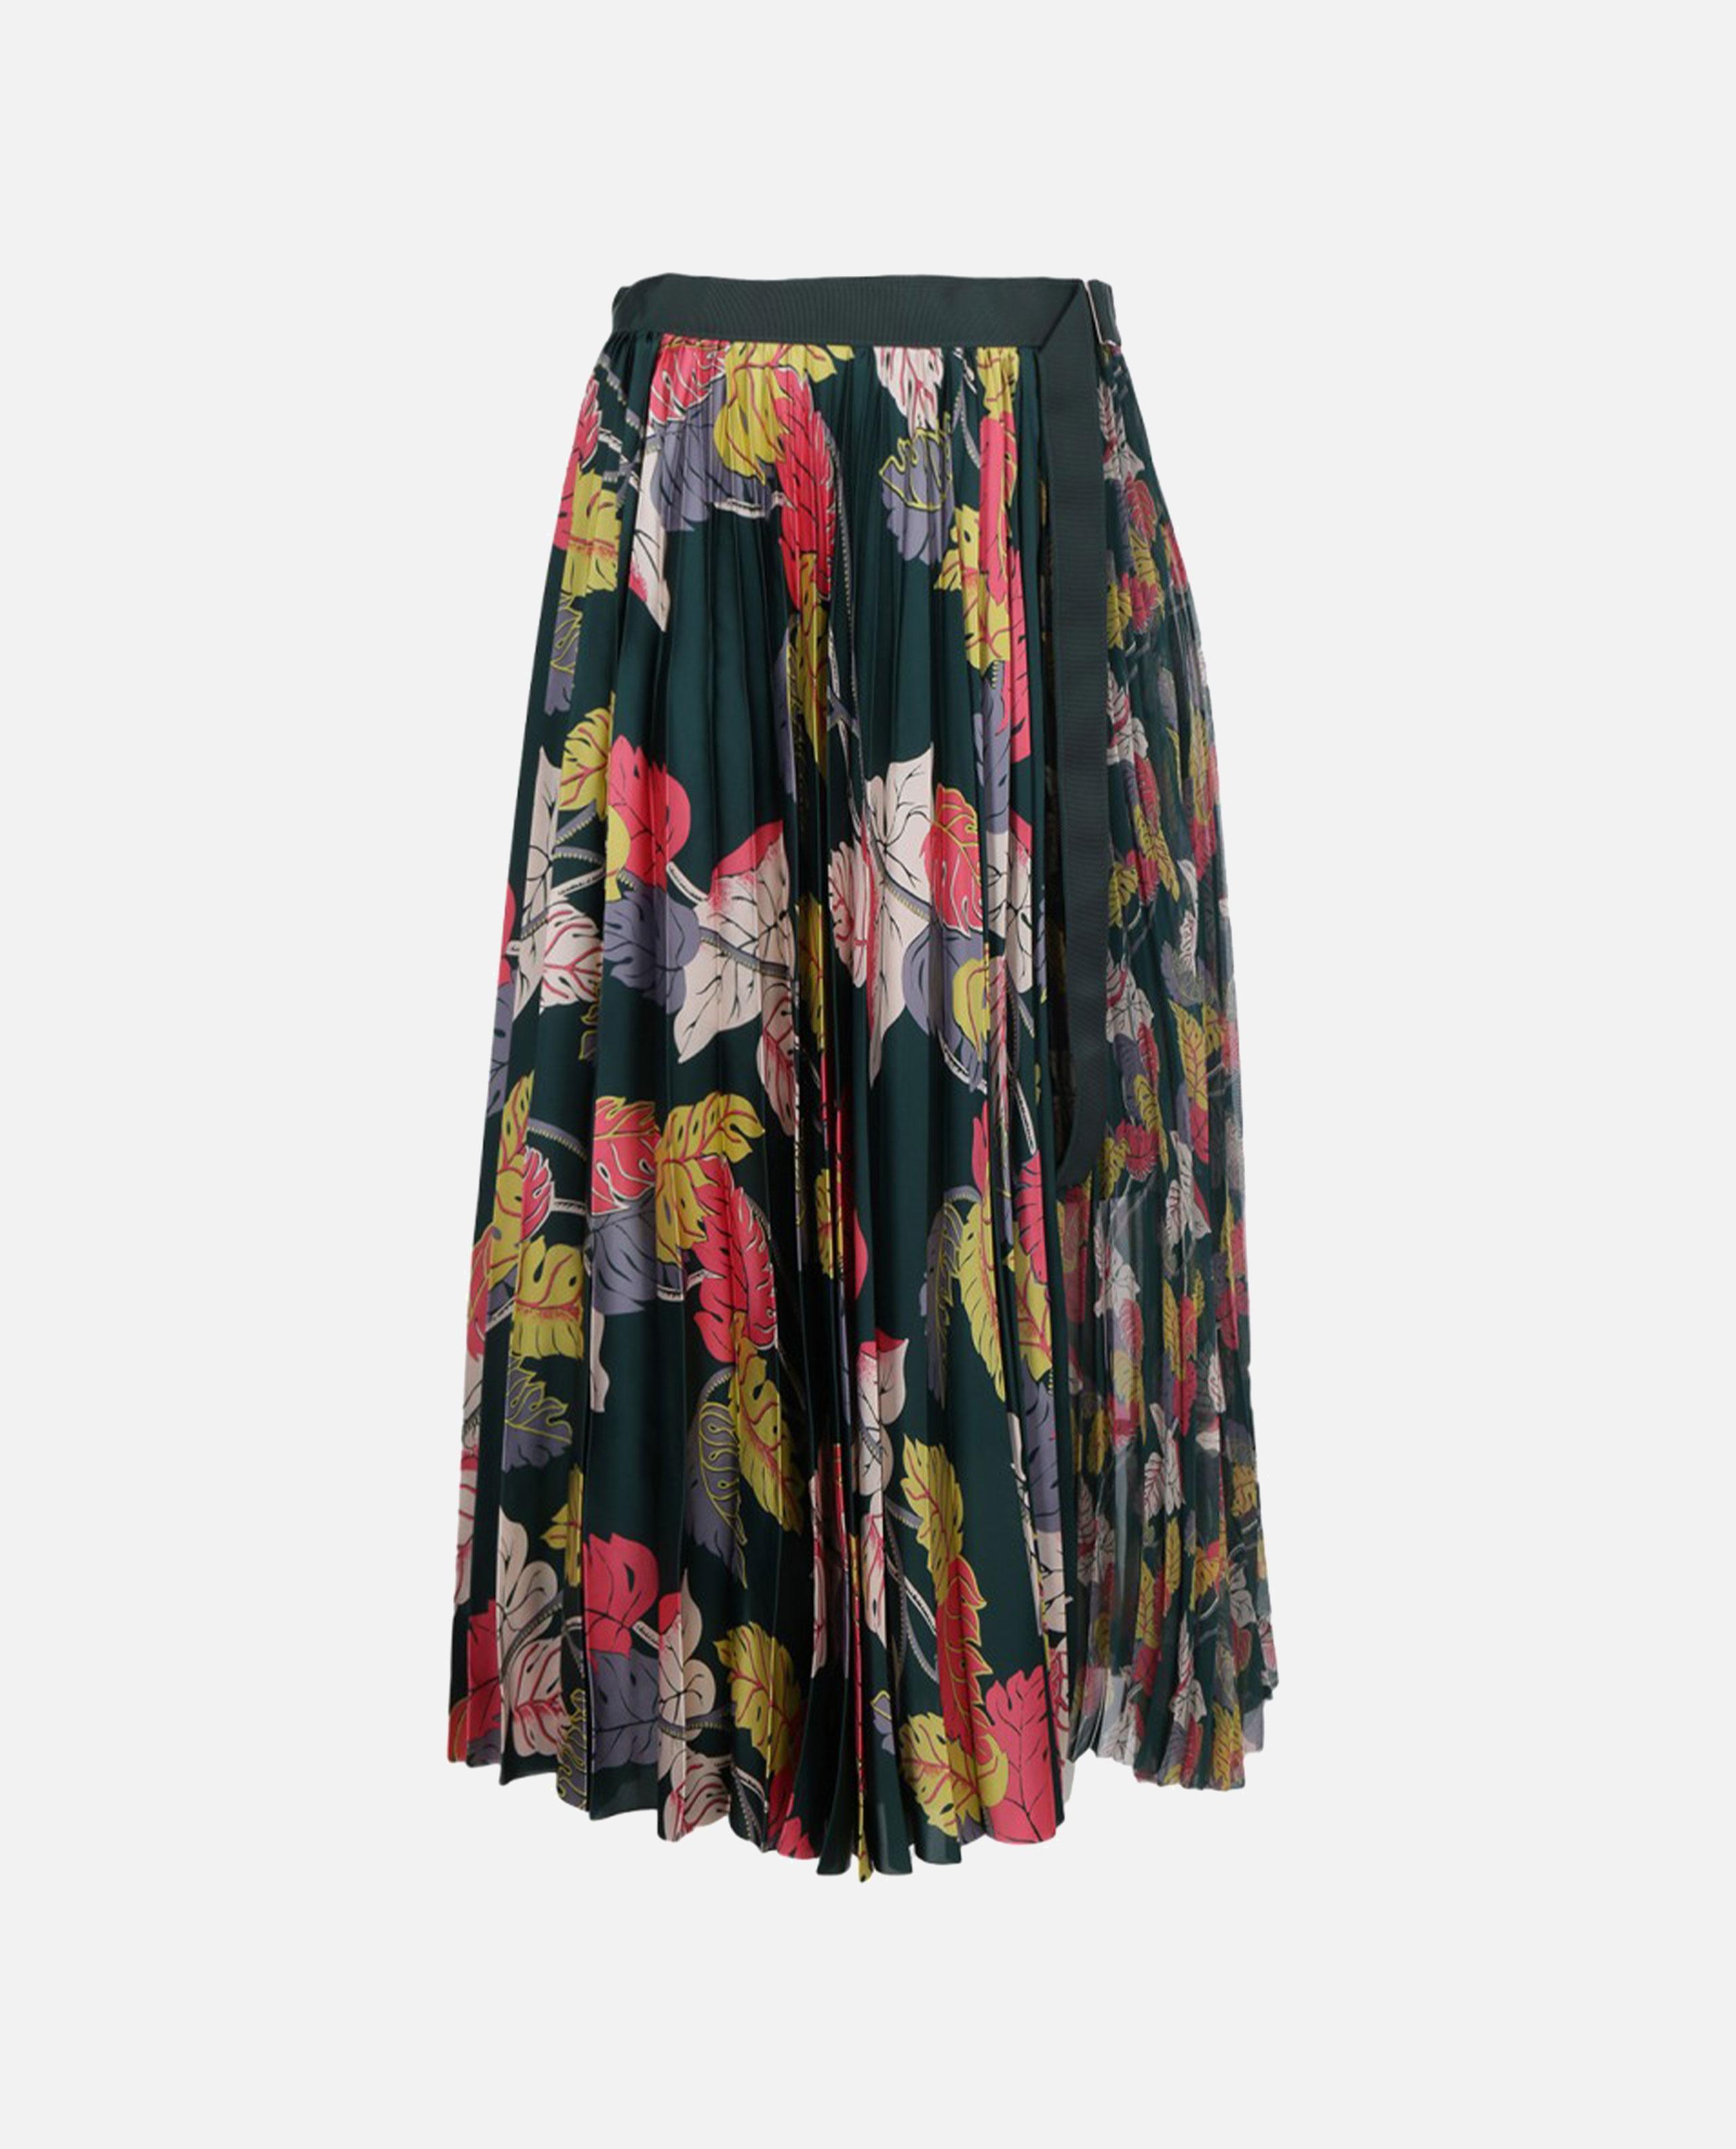 All-over flower printed Skirt